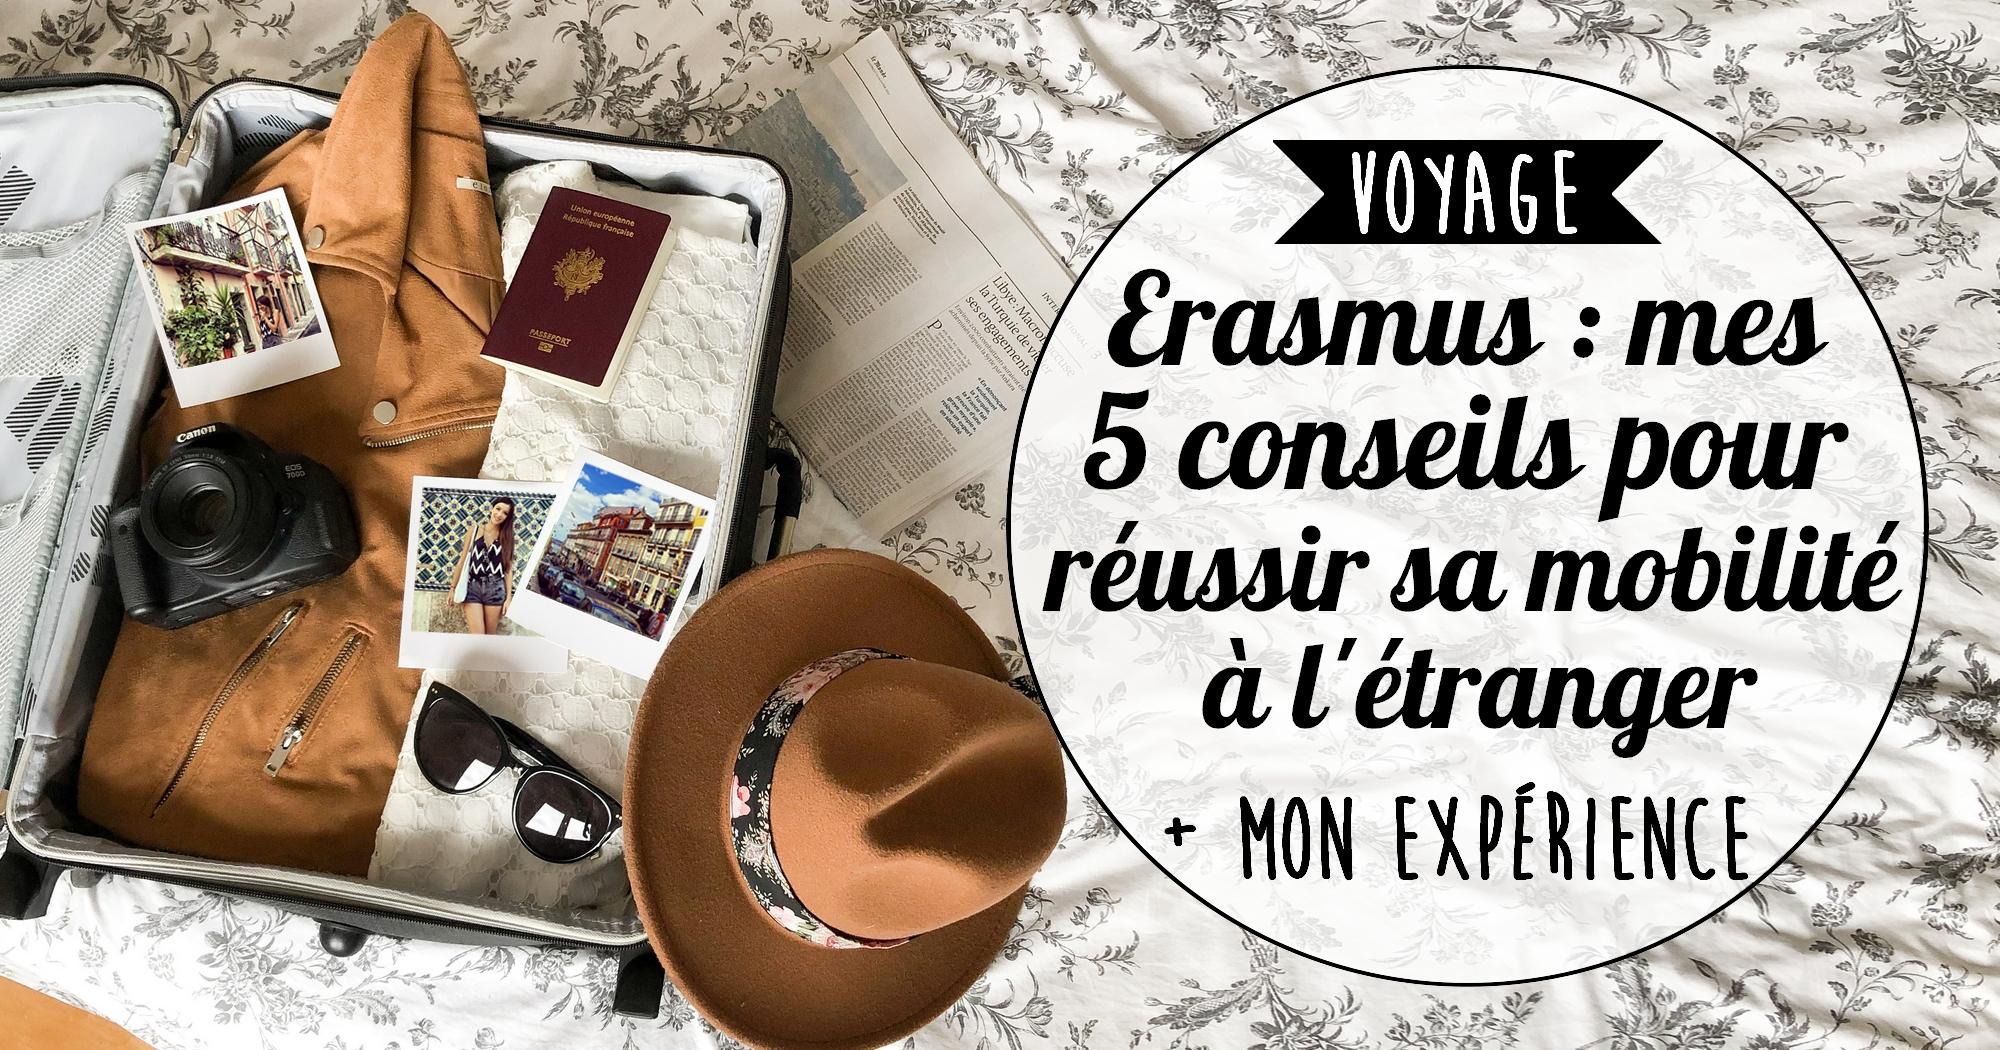 Erasmus : mes 5 conseils pour réussir sa mobilité à l'étranger (+ mon expérience)